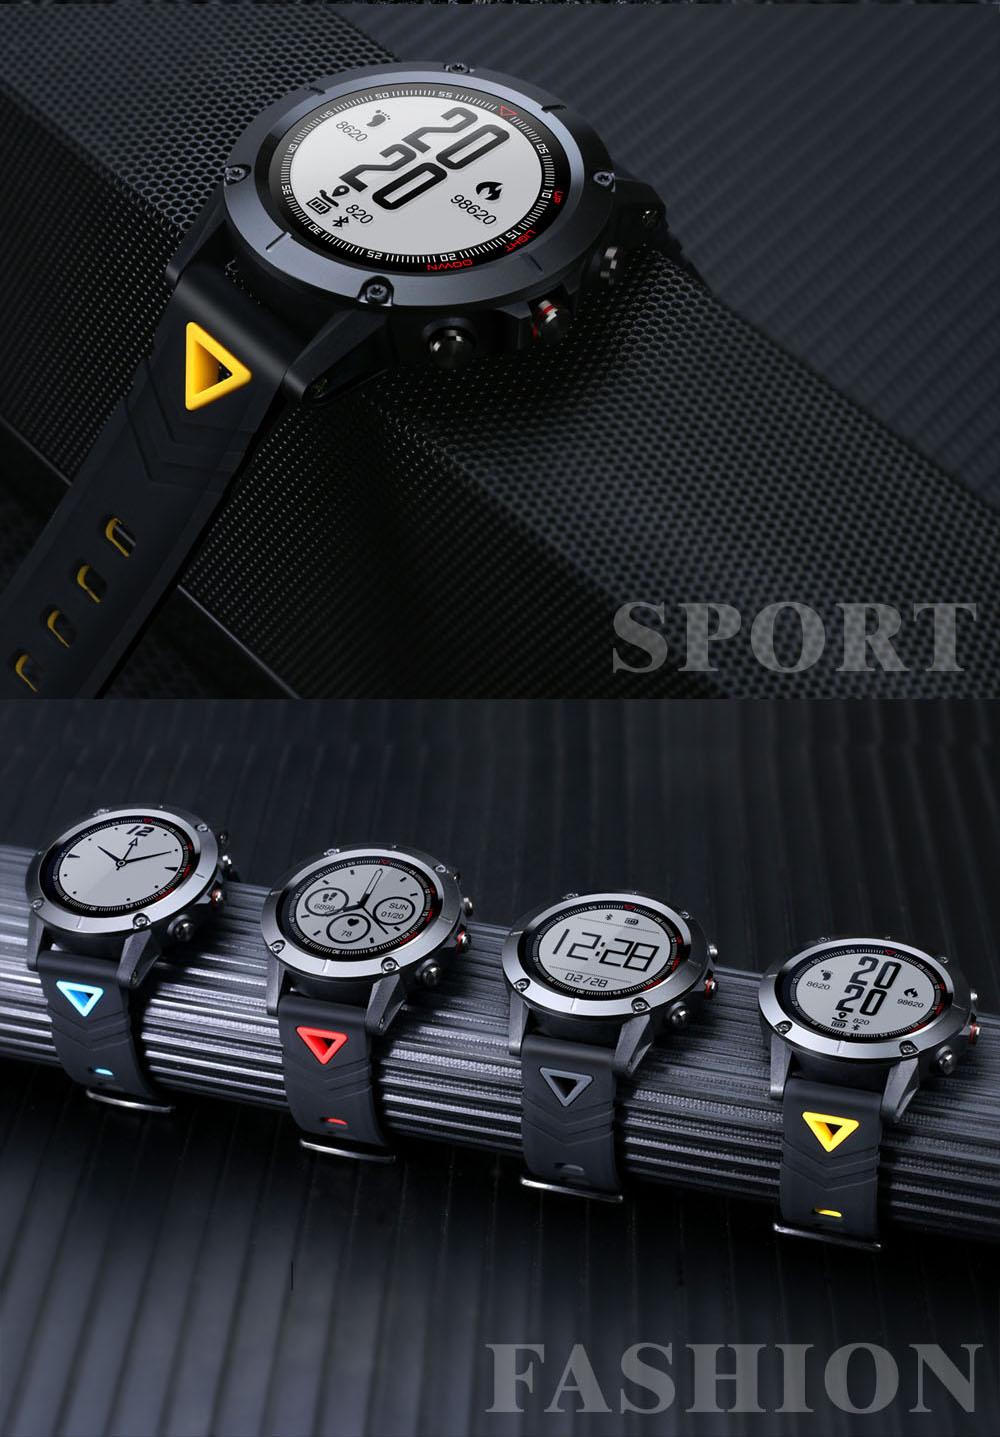 buy g01 smartwatch online